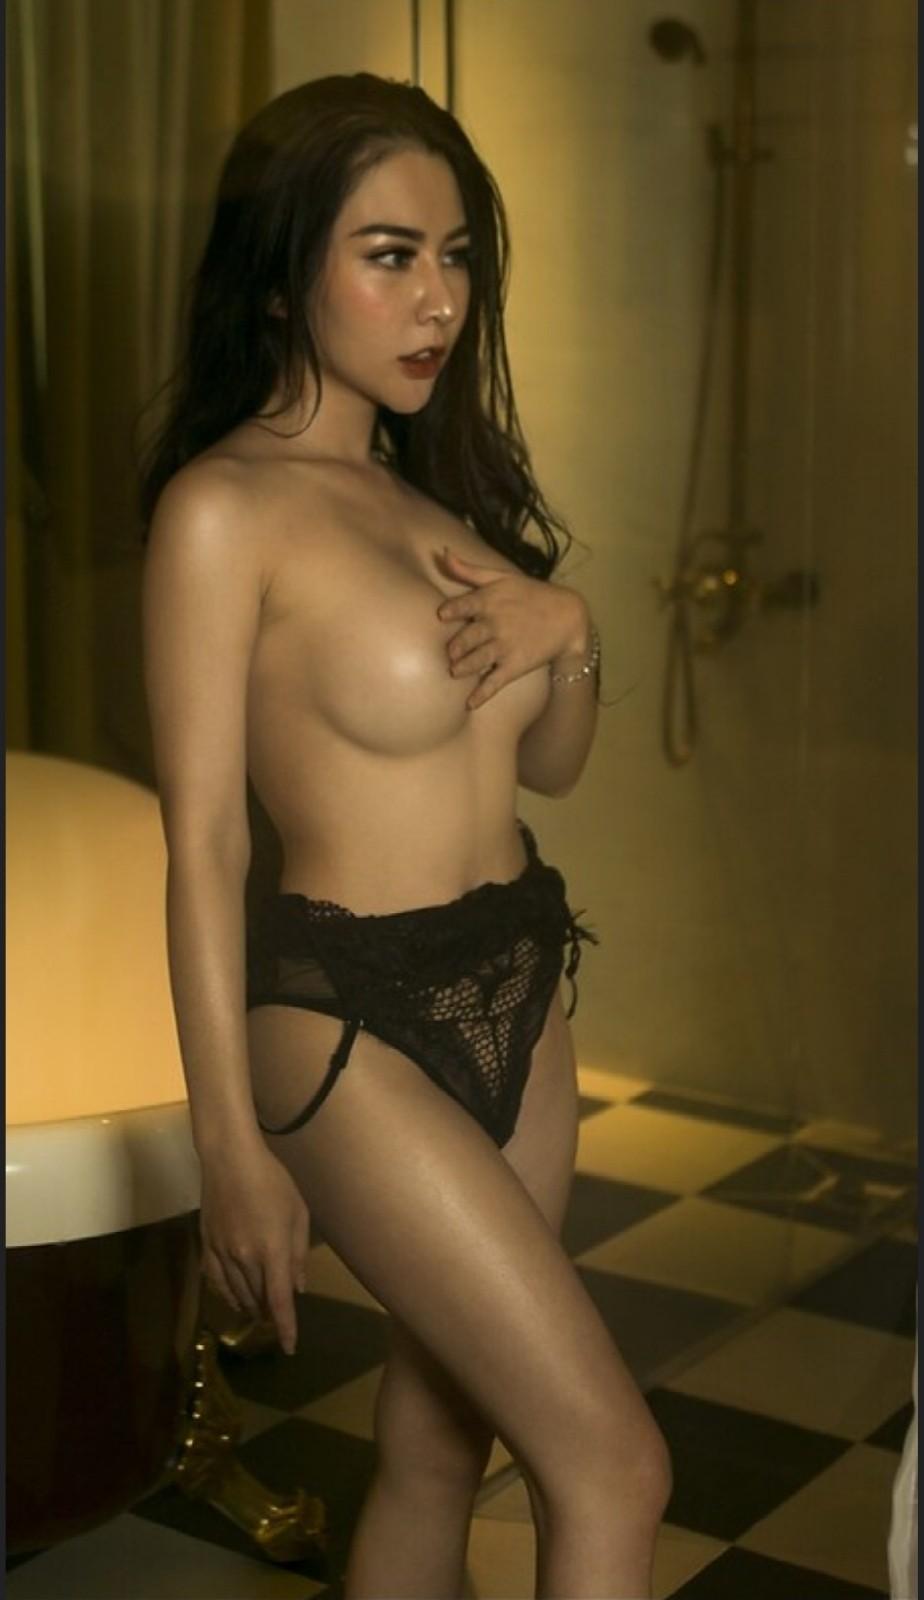 Như Quỳnh - em đẹp quá @BaoBua: Việt Nam Nude Girl